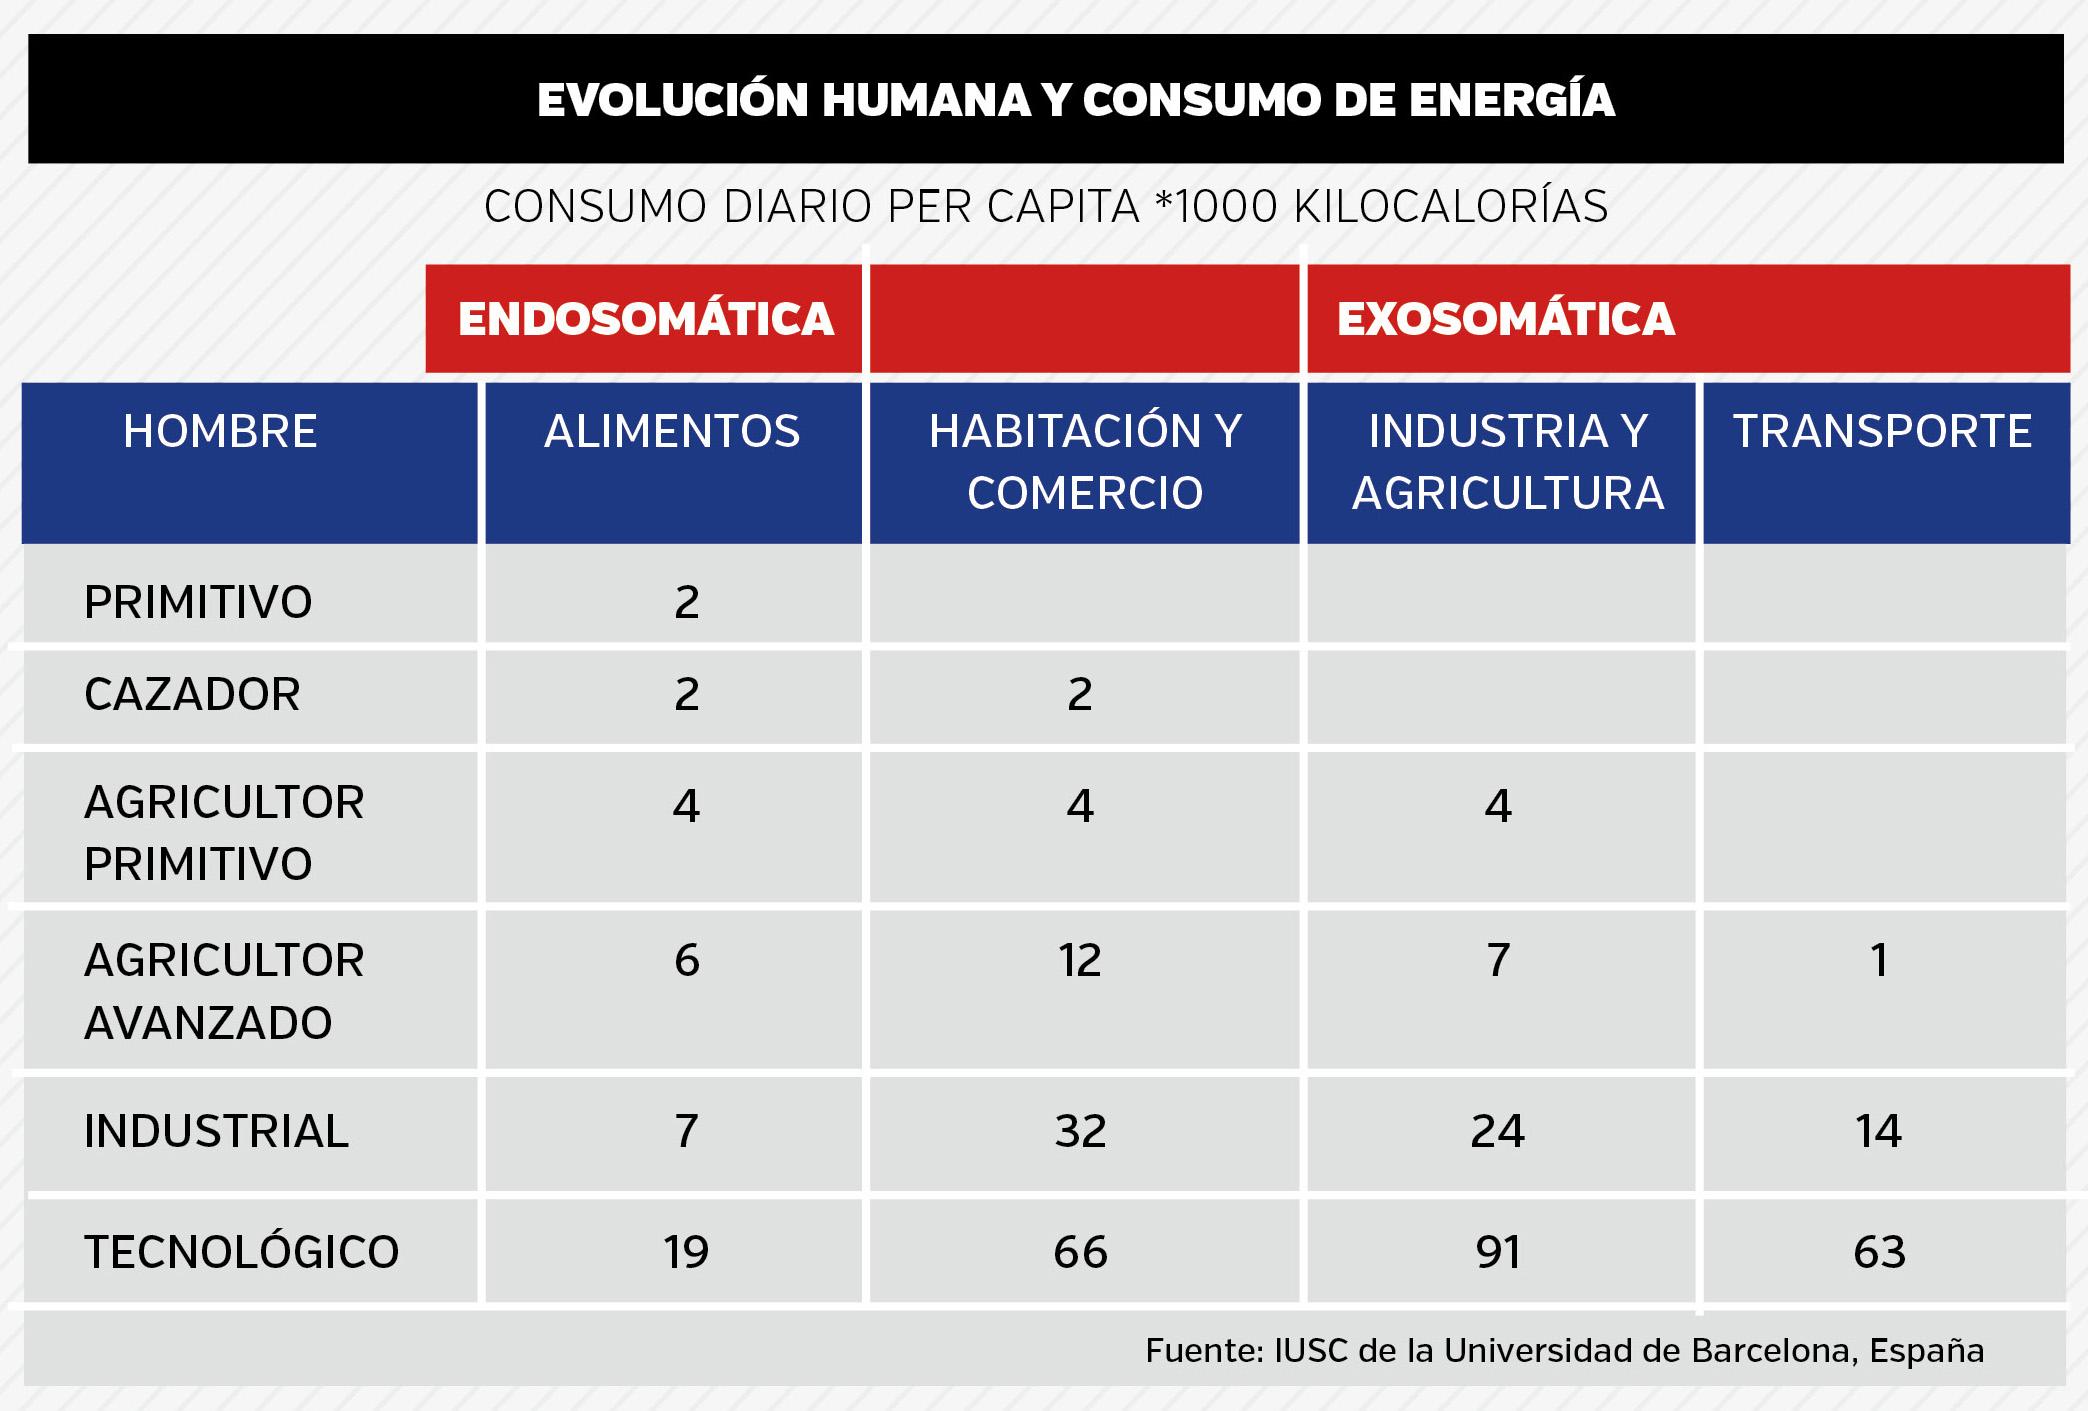 evolucion humana y consumo de energia